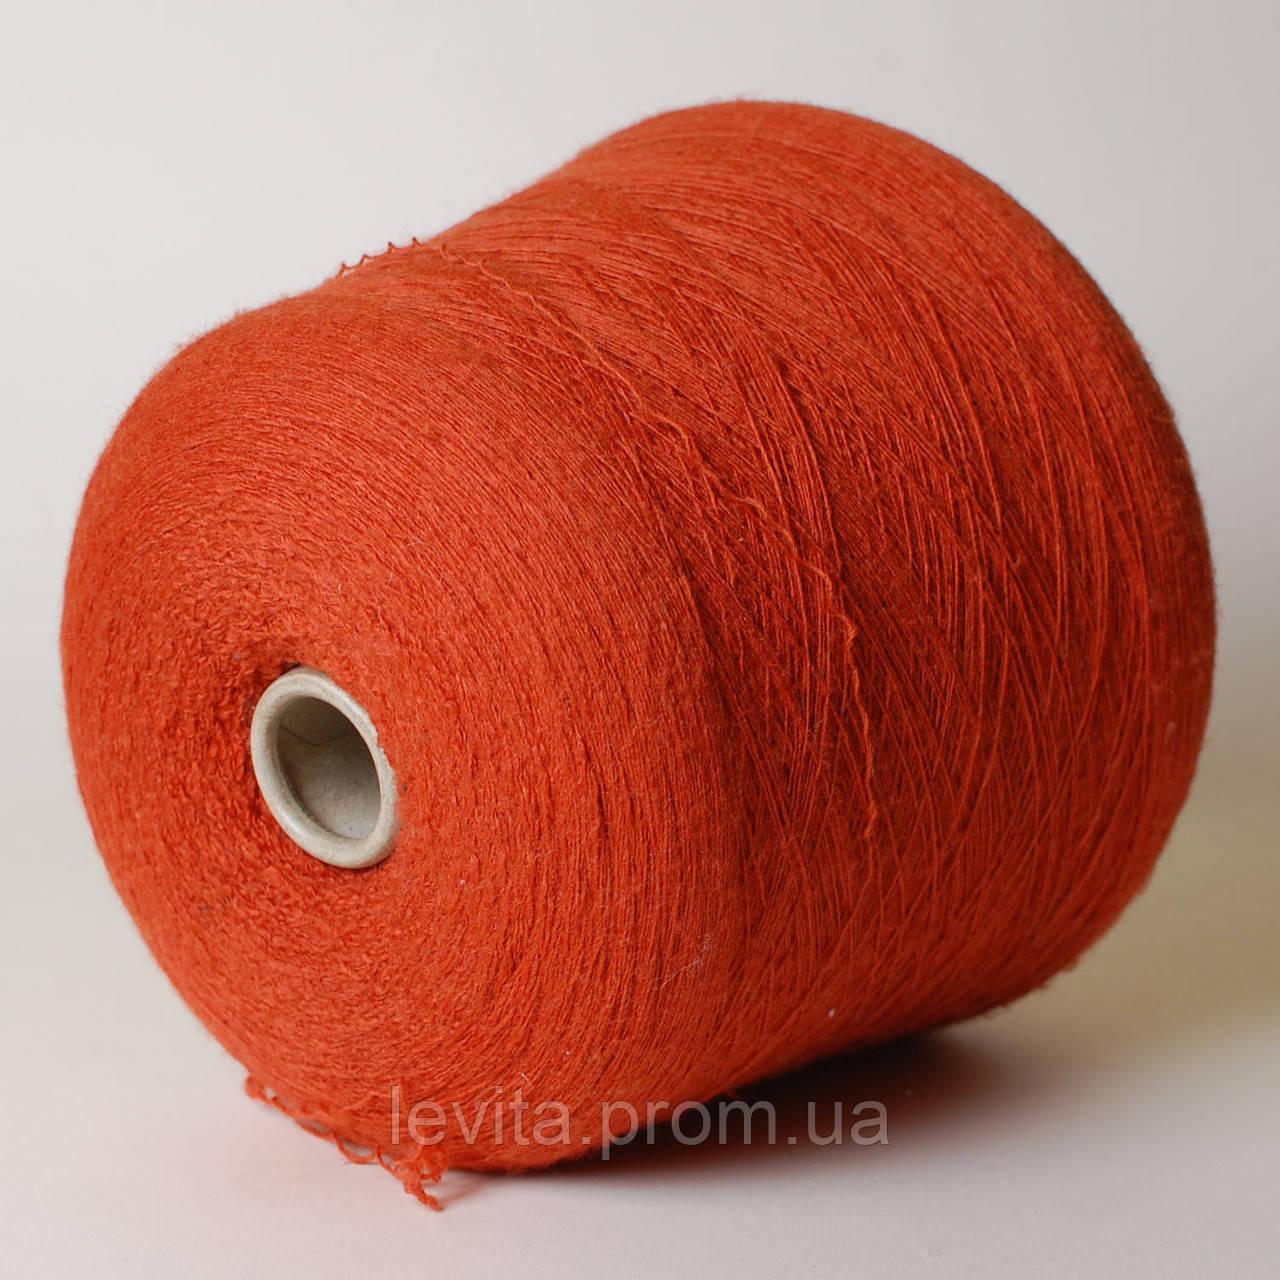 """Пряжа Arianna, рыжий кирпич (95% меринос, 5% эластан; 1400 м/100 г) в интернет-магазине пряжи """"Левита"""""""